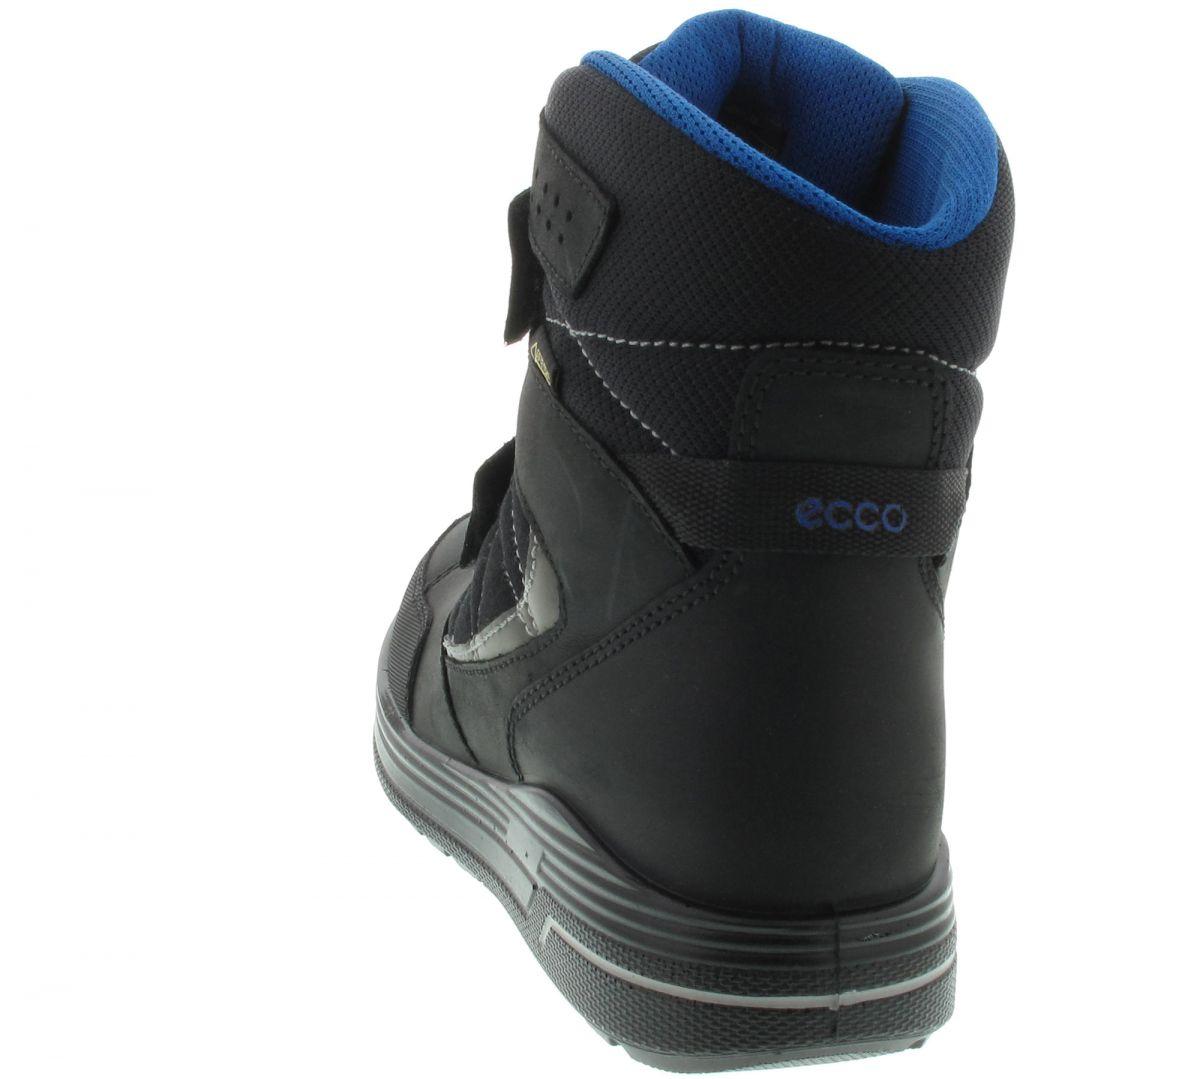 e611fbade0939b Ecco Urban Snowboarder